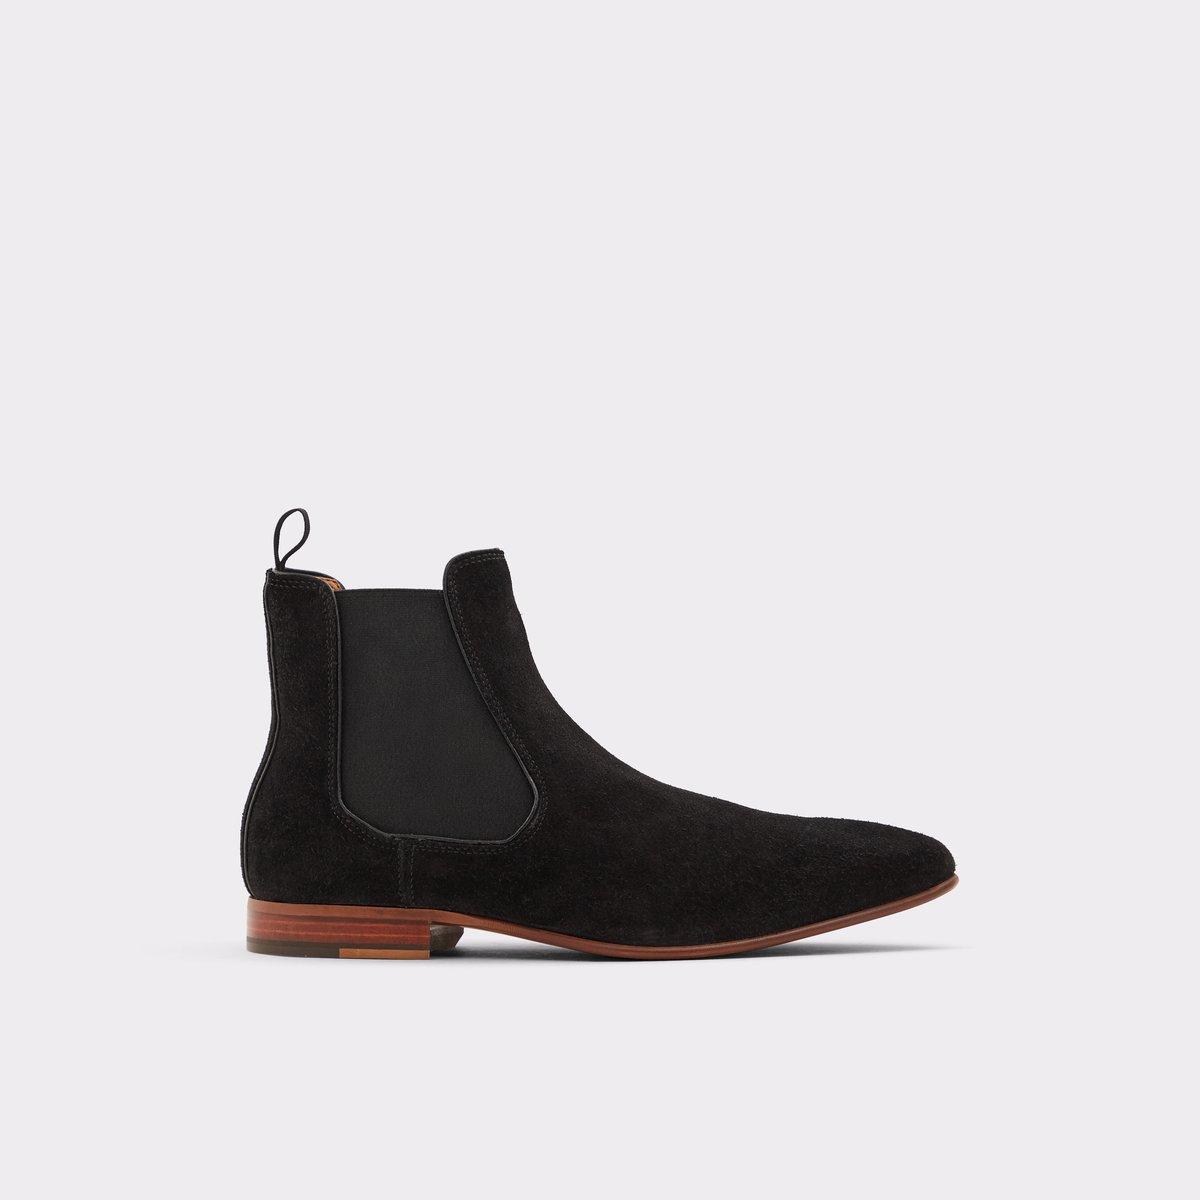 a0890b05451 Biondi-r Black Leather Suede Men's Chelsea boots   Aldoshoes.com US